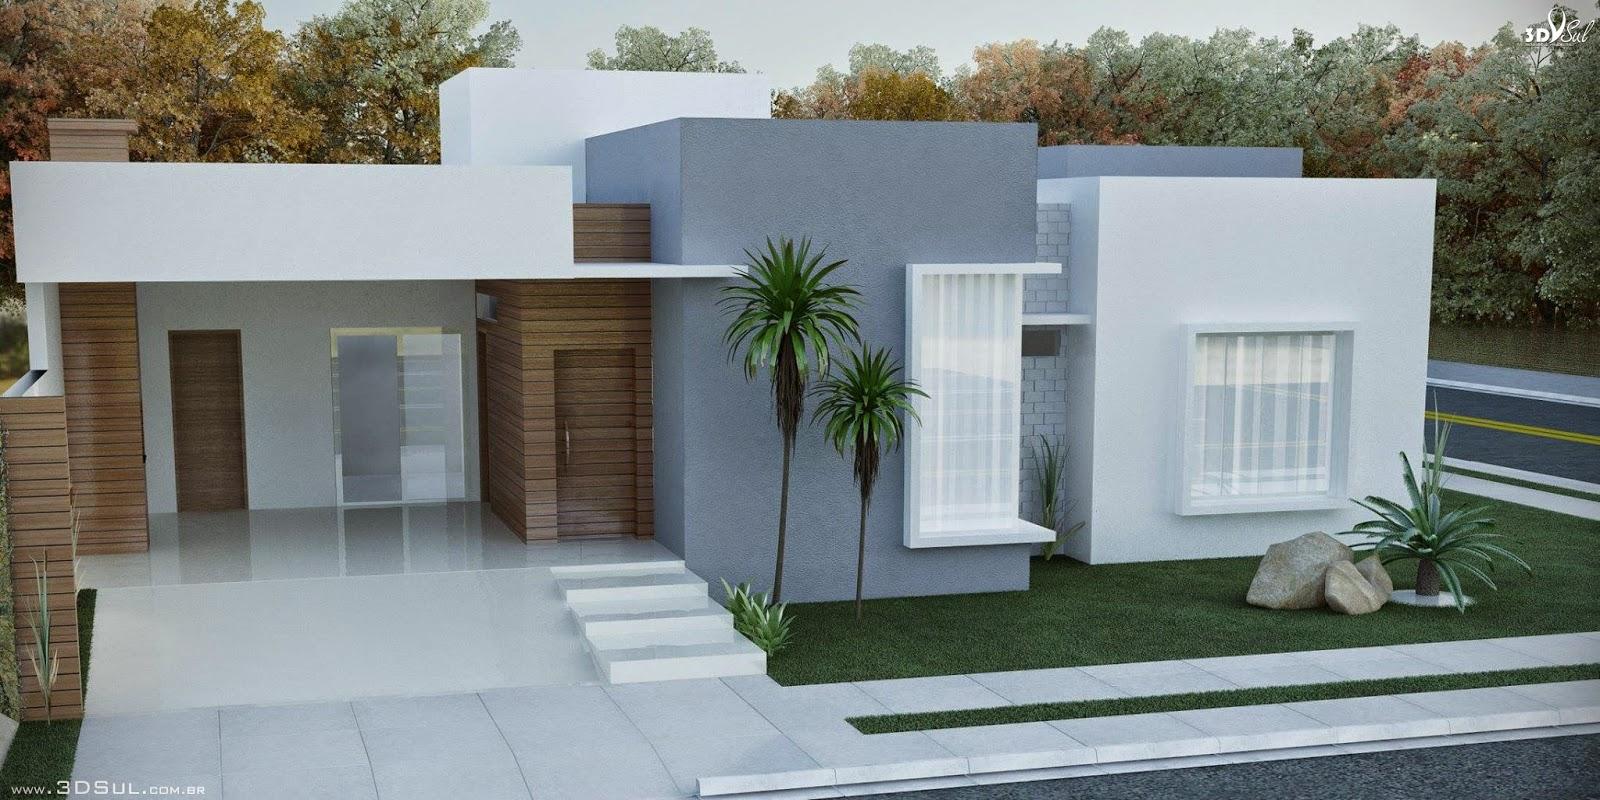 Construindo minha casa clean fachadas de casas quadradas Casas minimalistas modernas pequenas